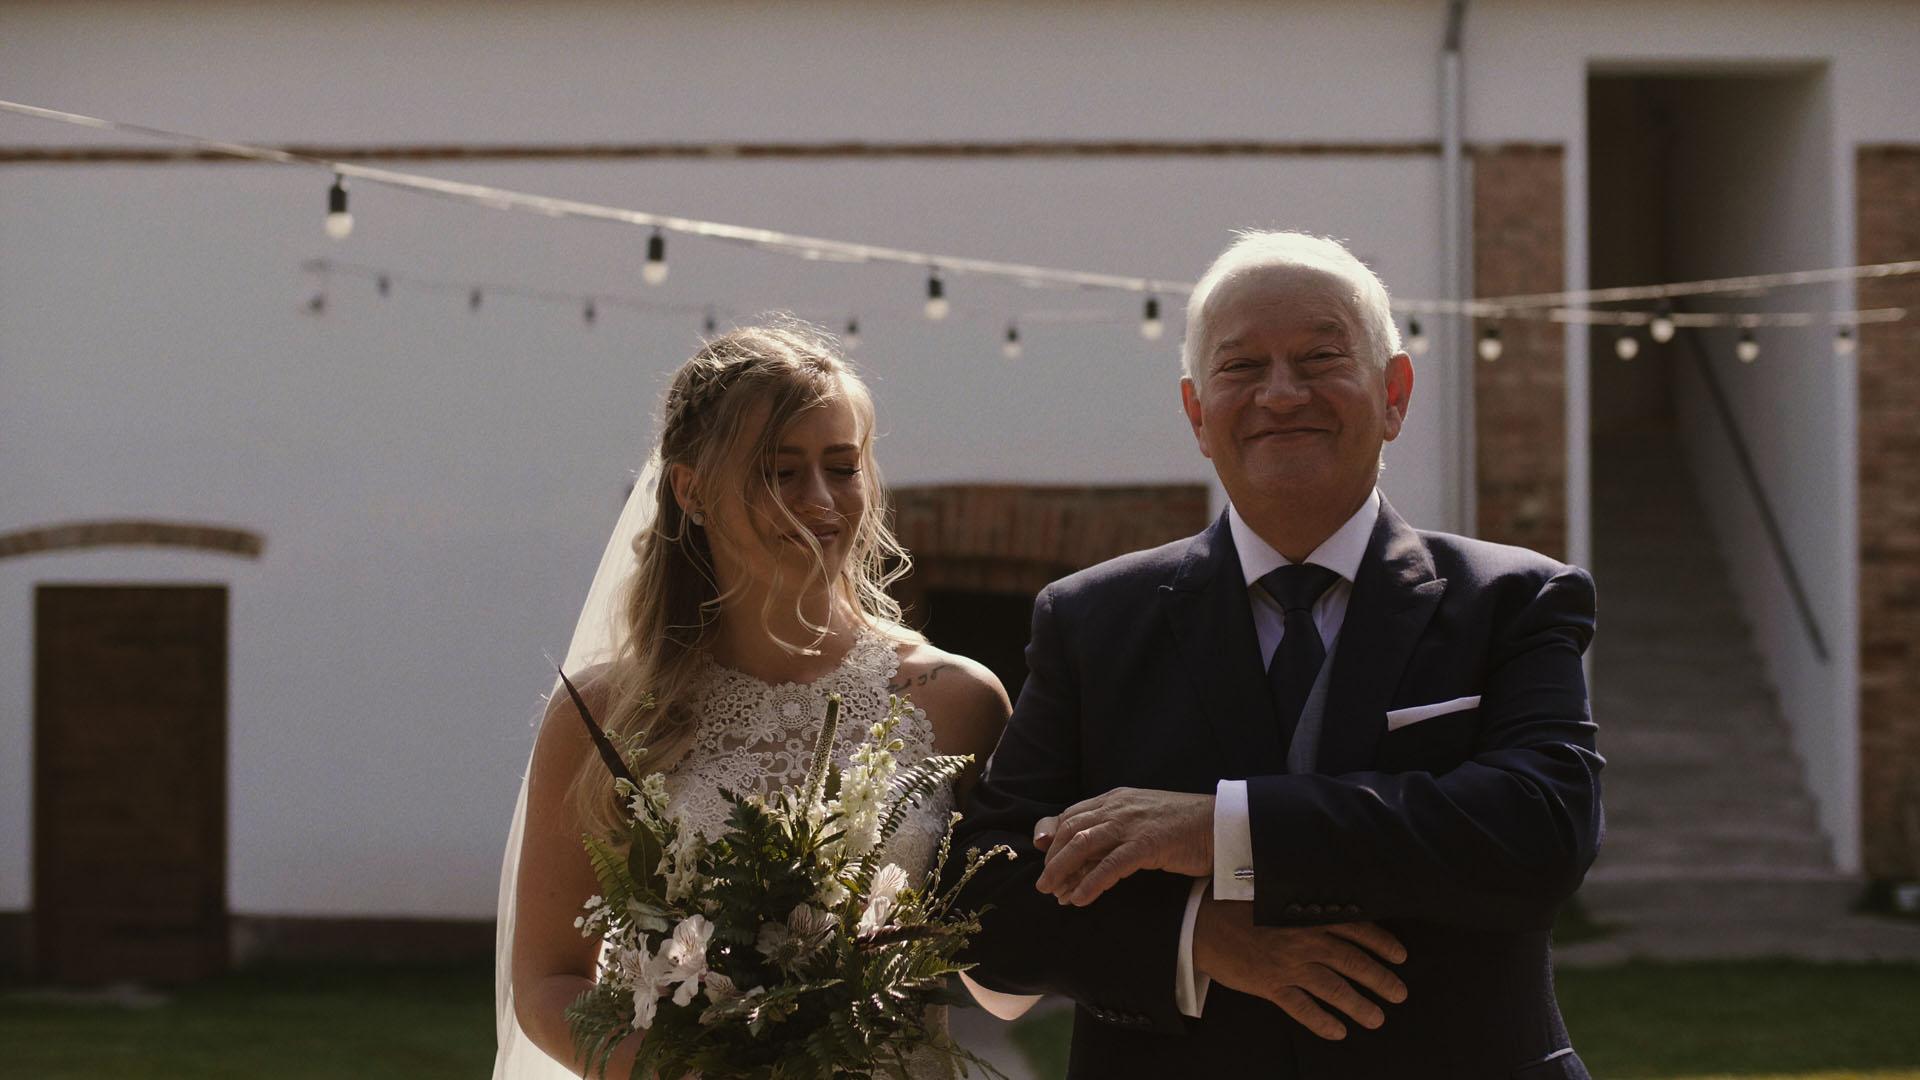 60 folwark ruchenka stodoła wesele ślub humanistyczny. film ślubny. ojciec z córką